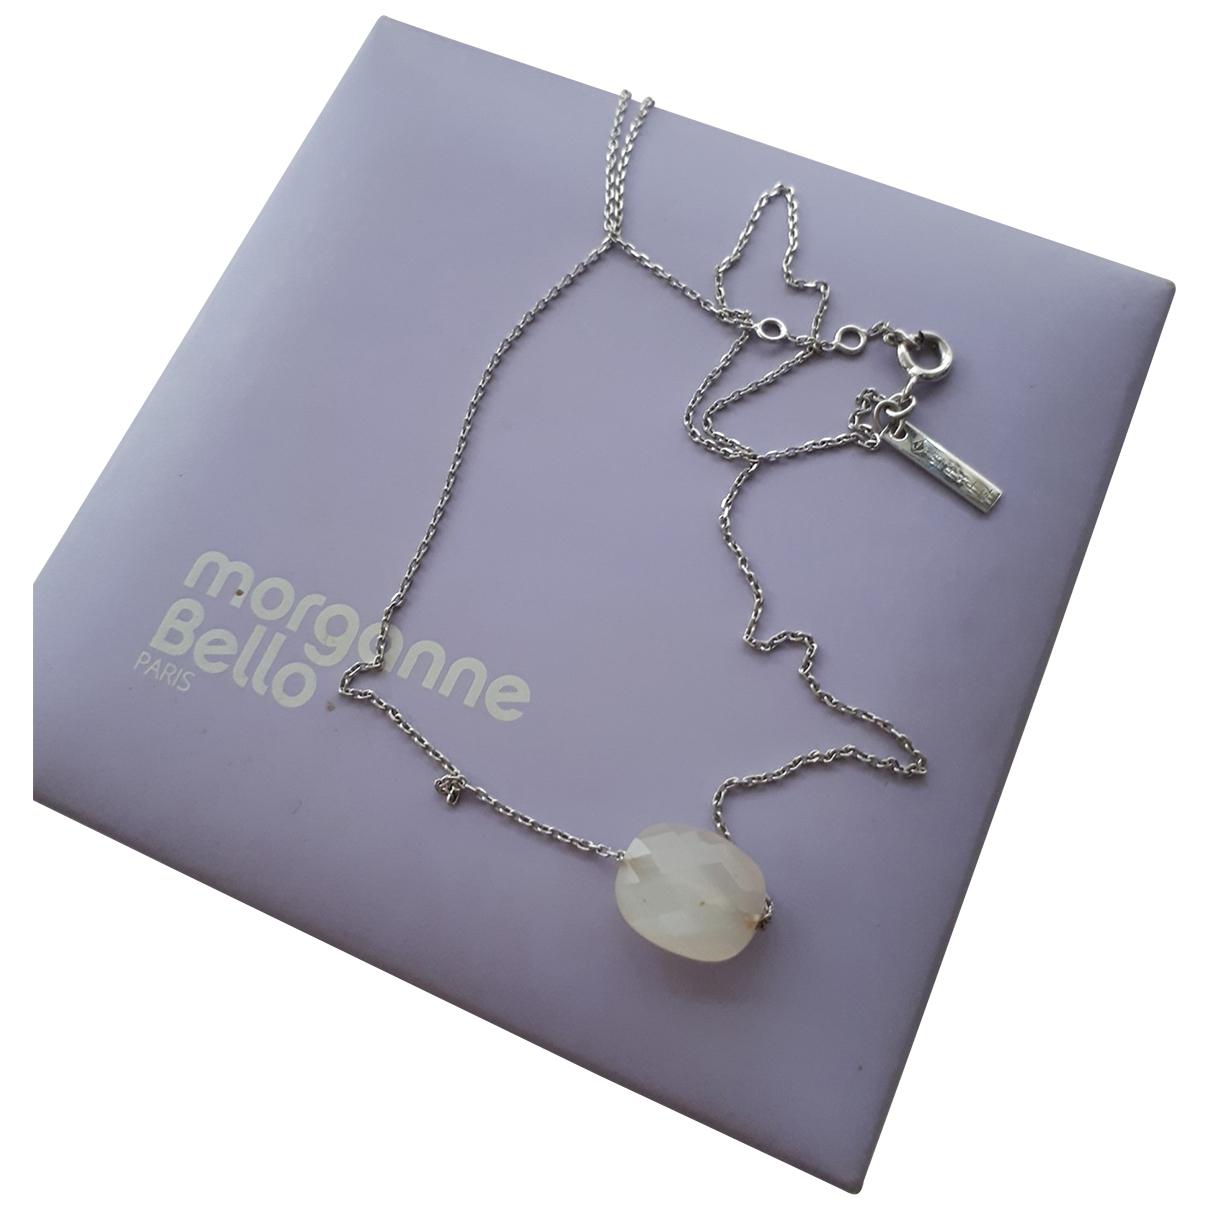 Morganne Bello - Collier Friandise pour femme en or blanc - argente